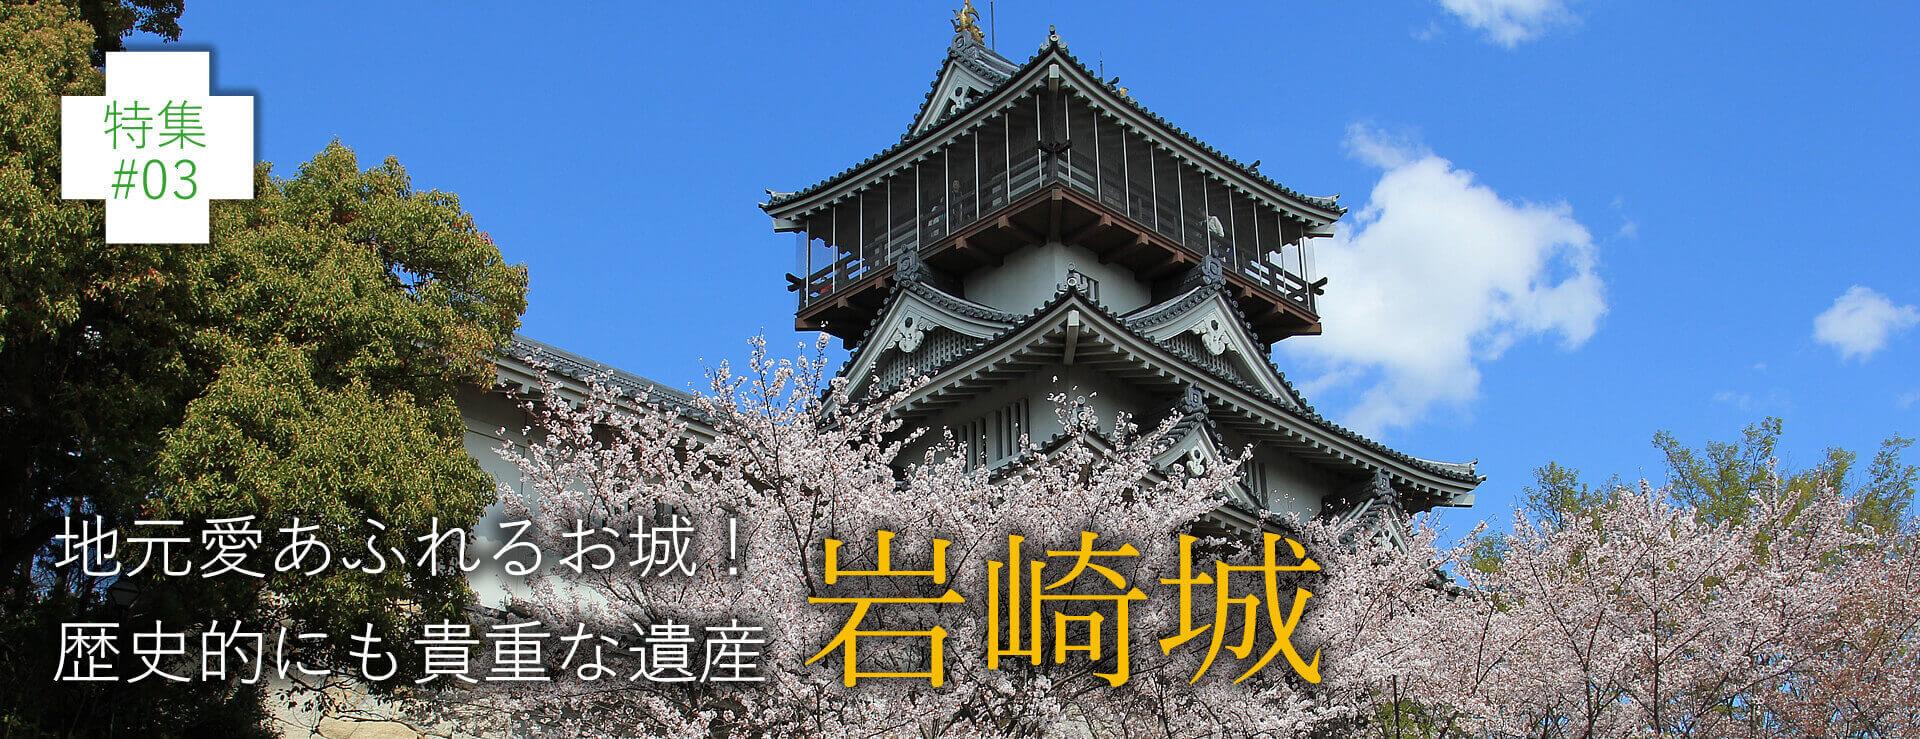 特集#03 地元愛あふれるお城!歴史的にも貴重な遺産 岩城城